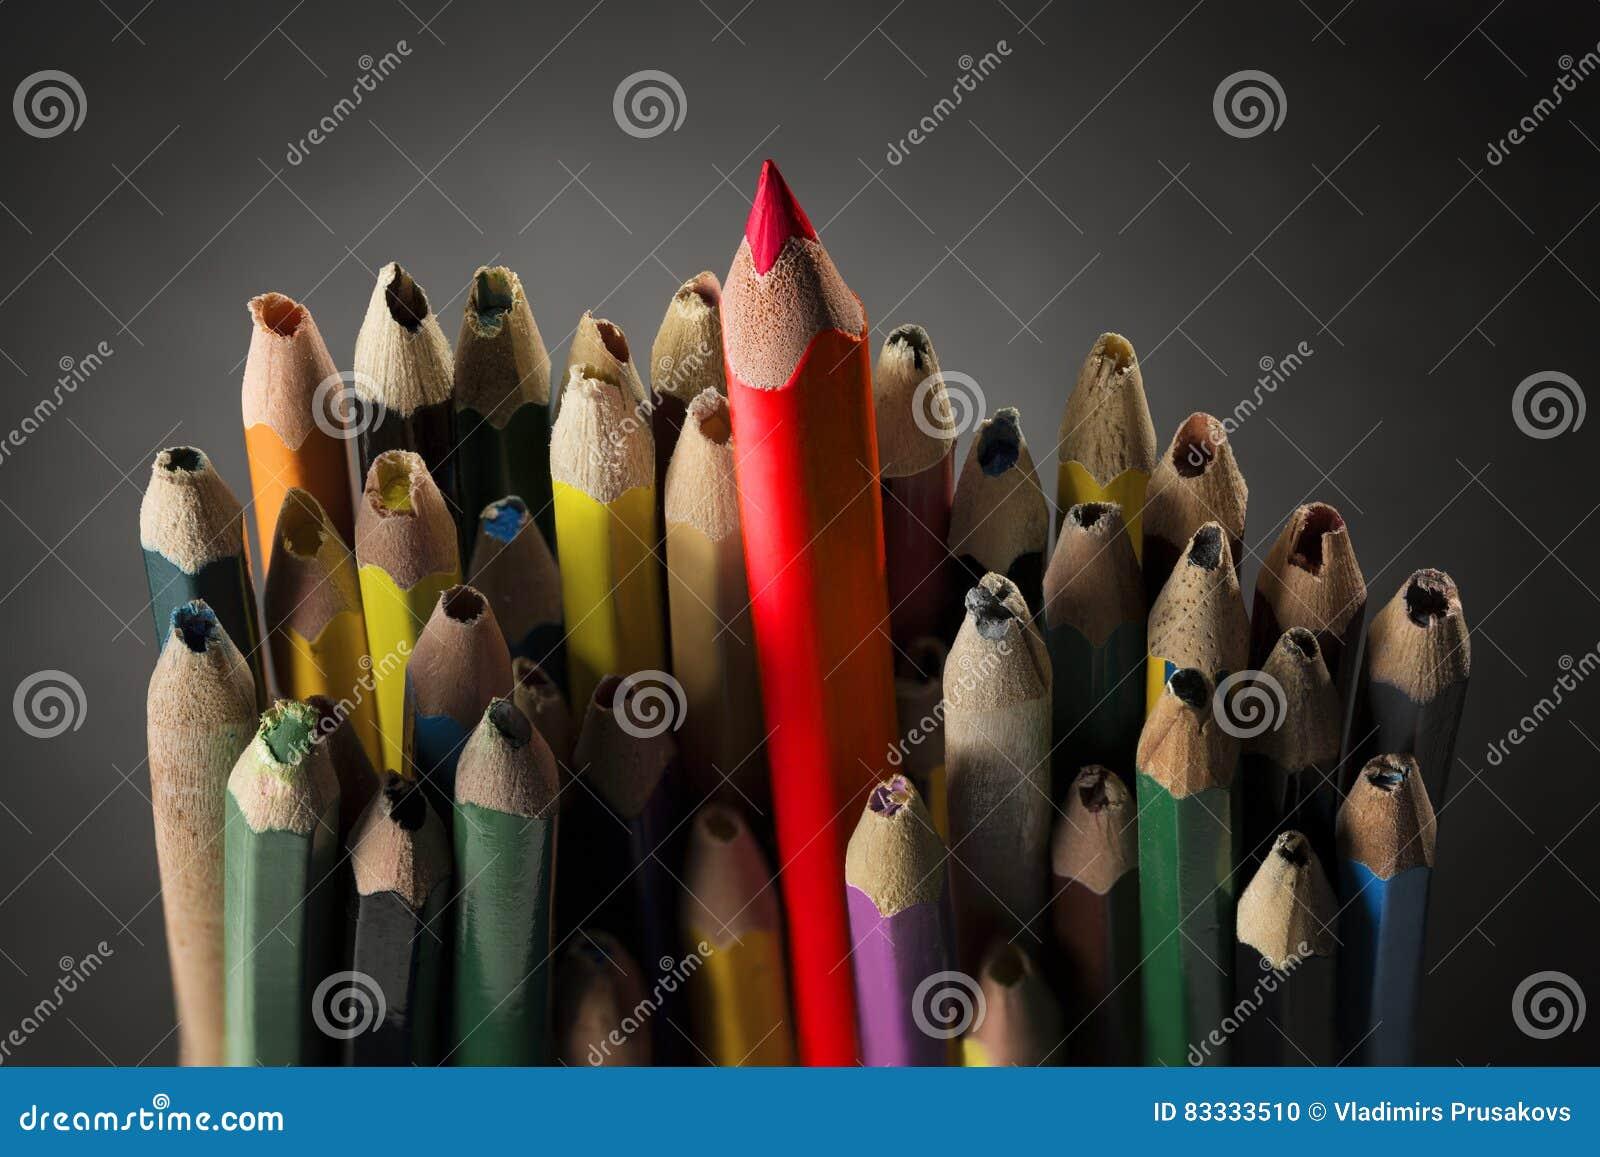 Το μολύβι εμπνέει την έννοια, αιχμηρή δημιουργική ιδέα, χρησιμοποιημένα σπασμένα μολύβια